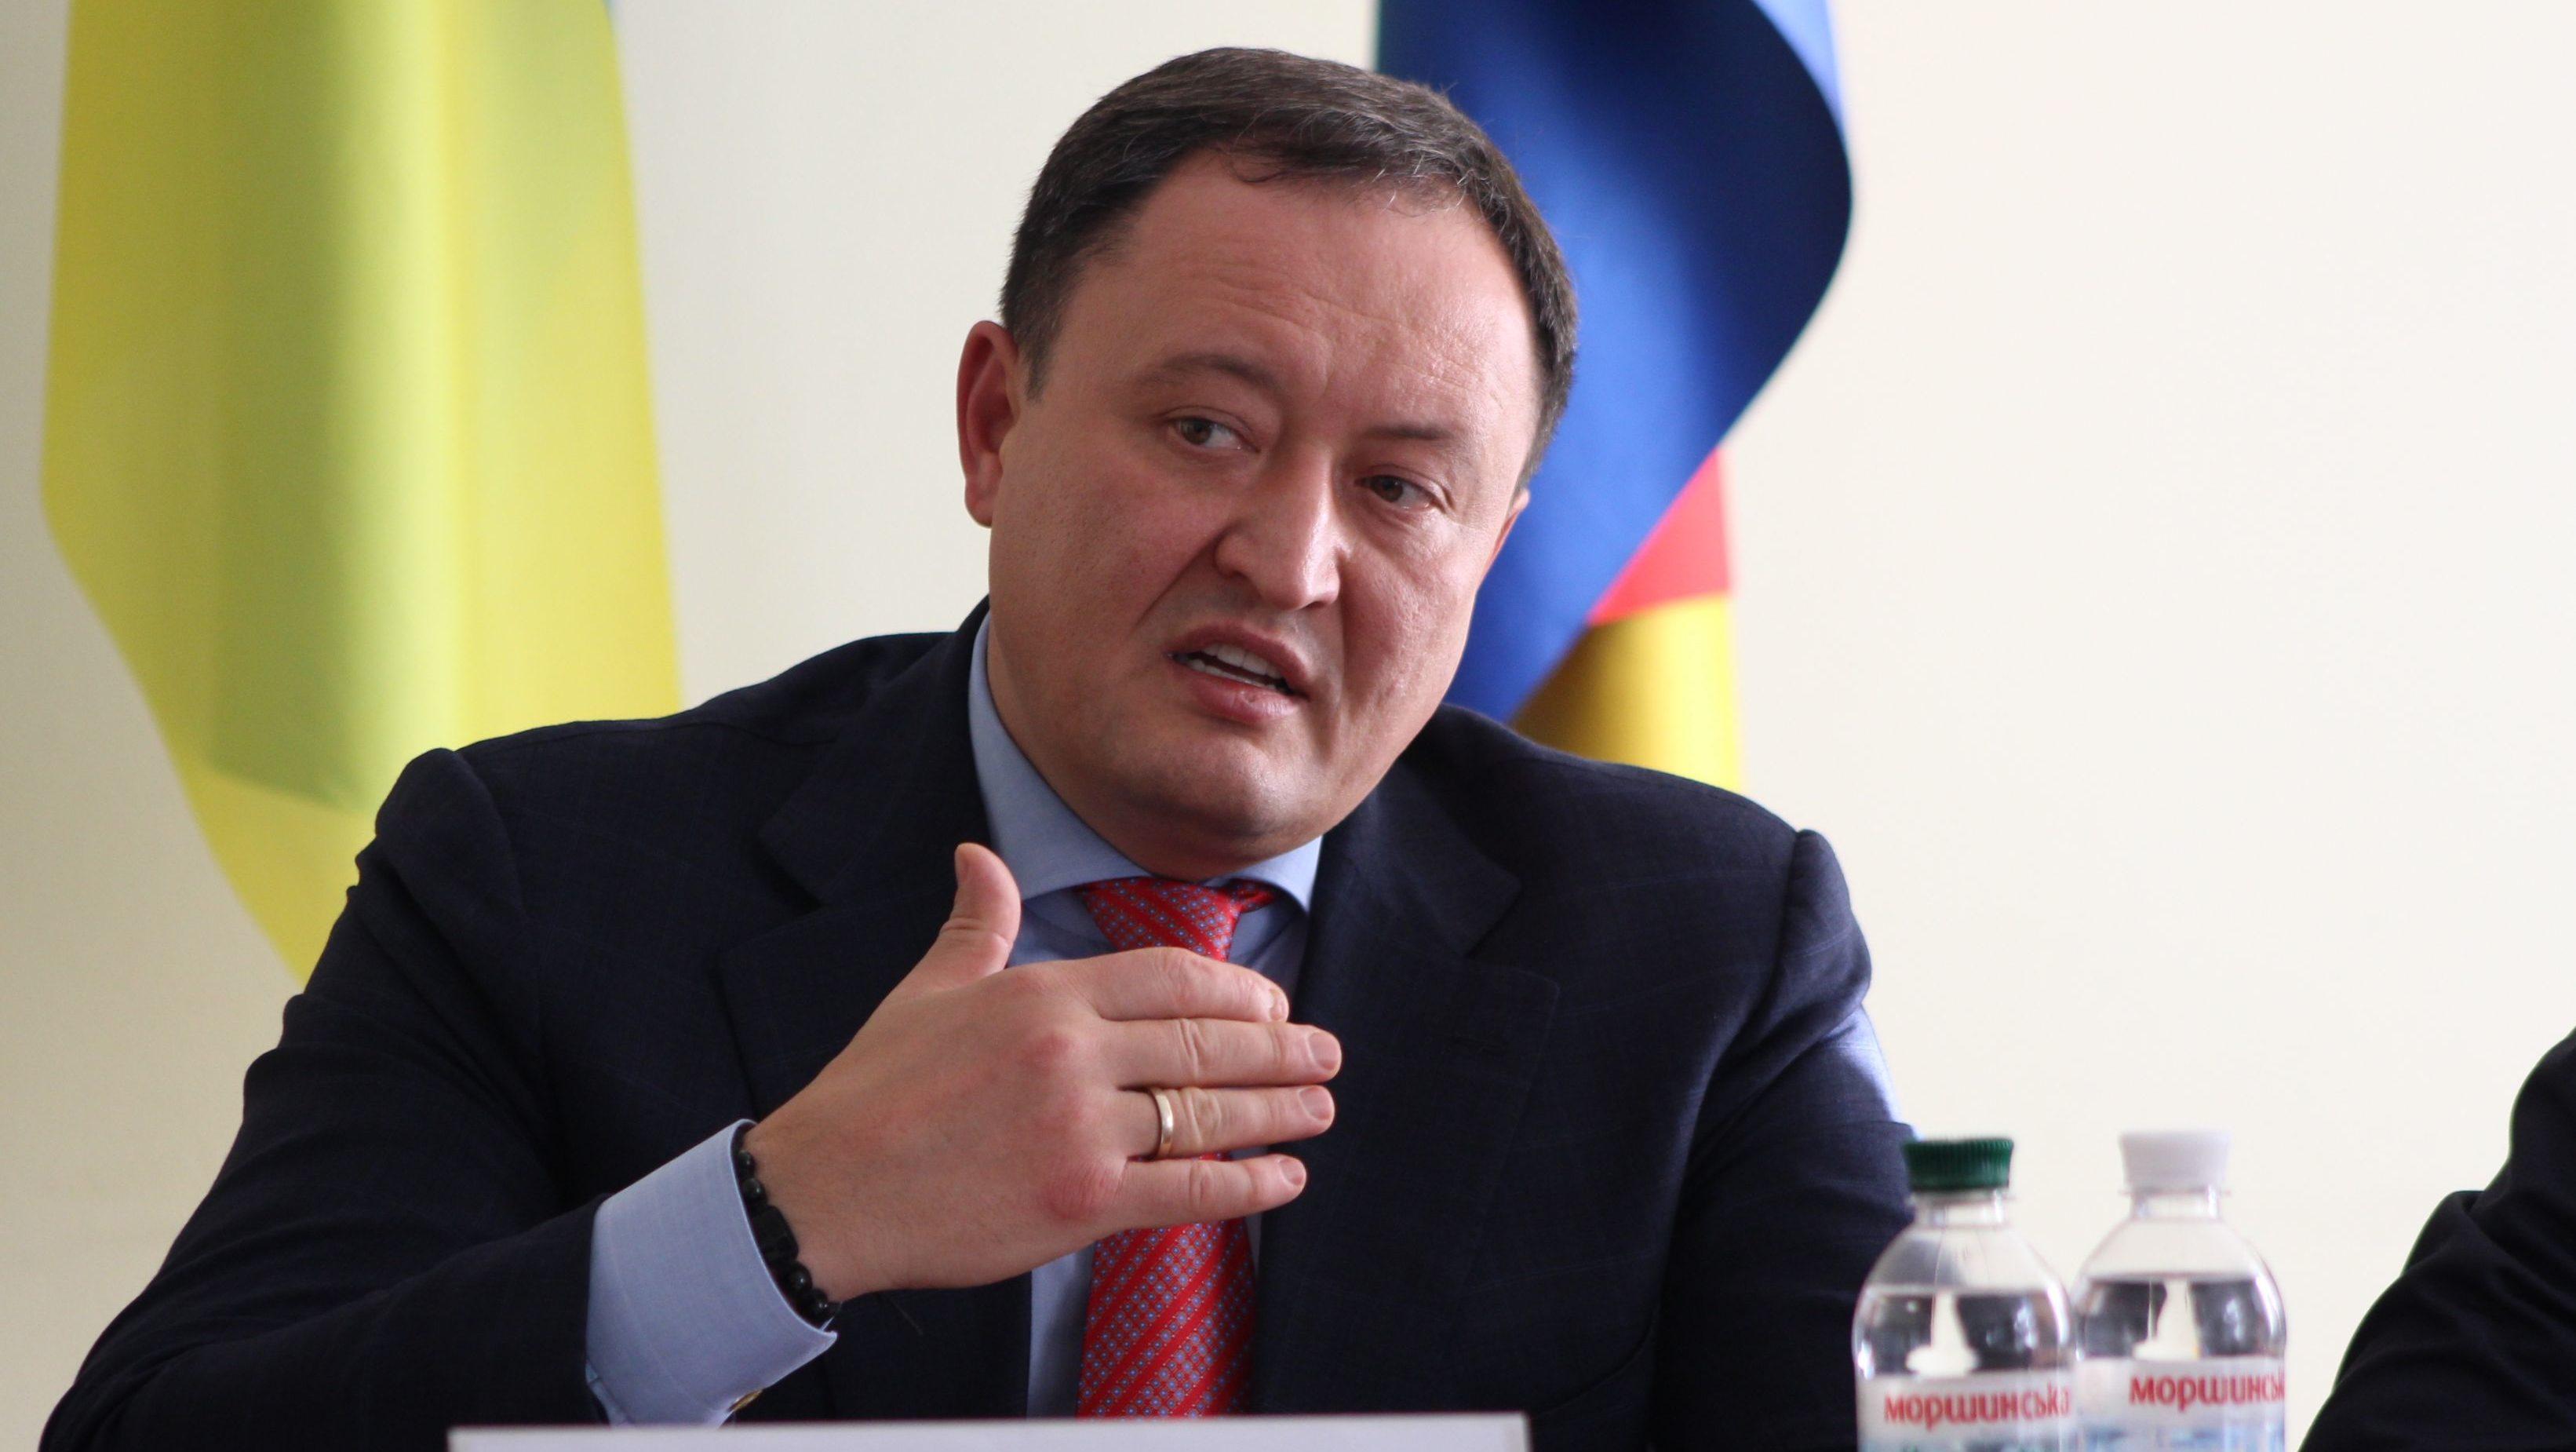 Справу екс-голови Запорізької ОДА про невнесення даних в декларацію - закрито